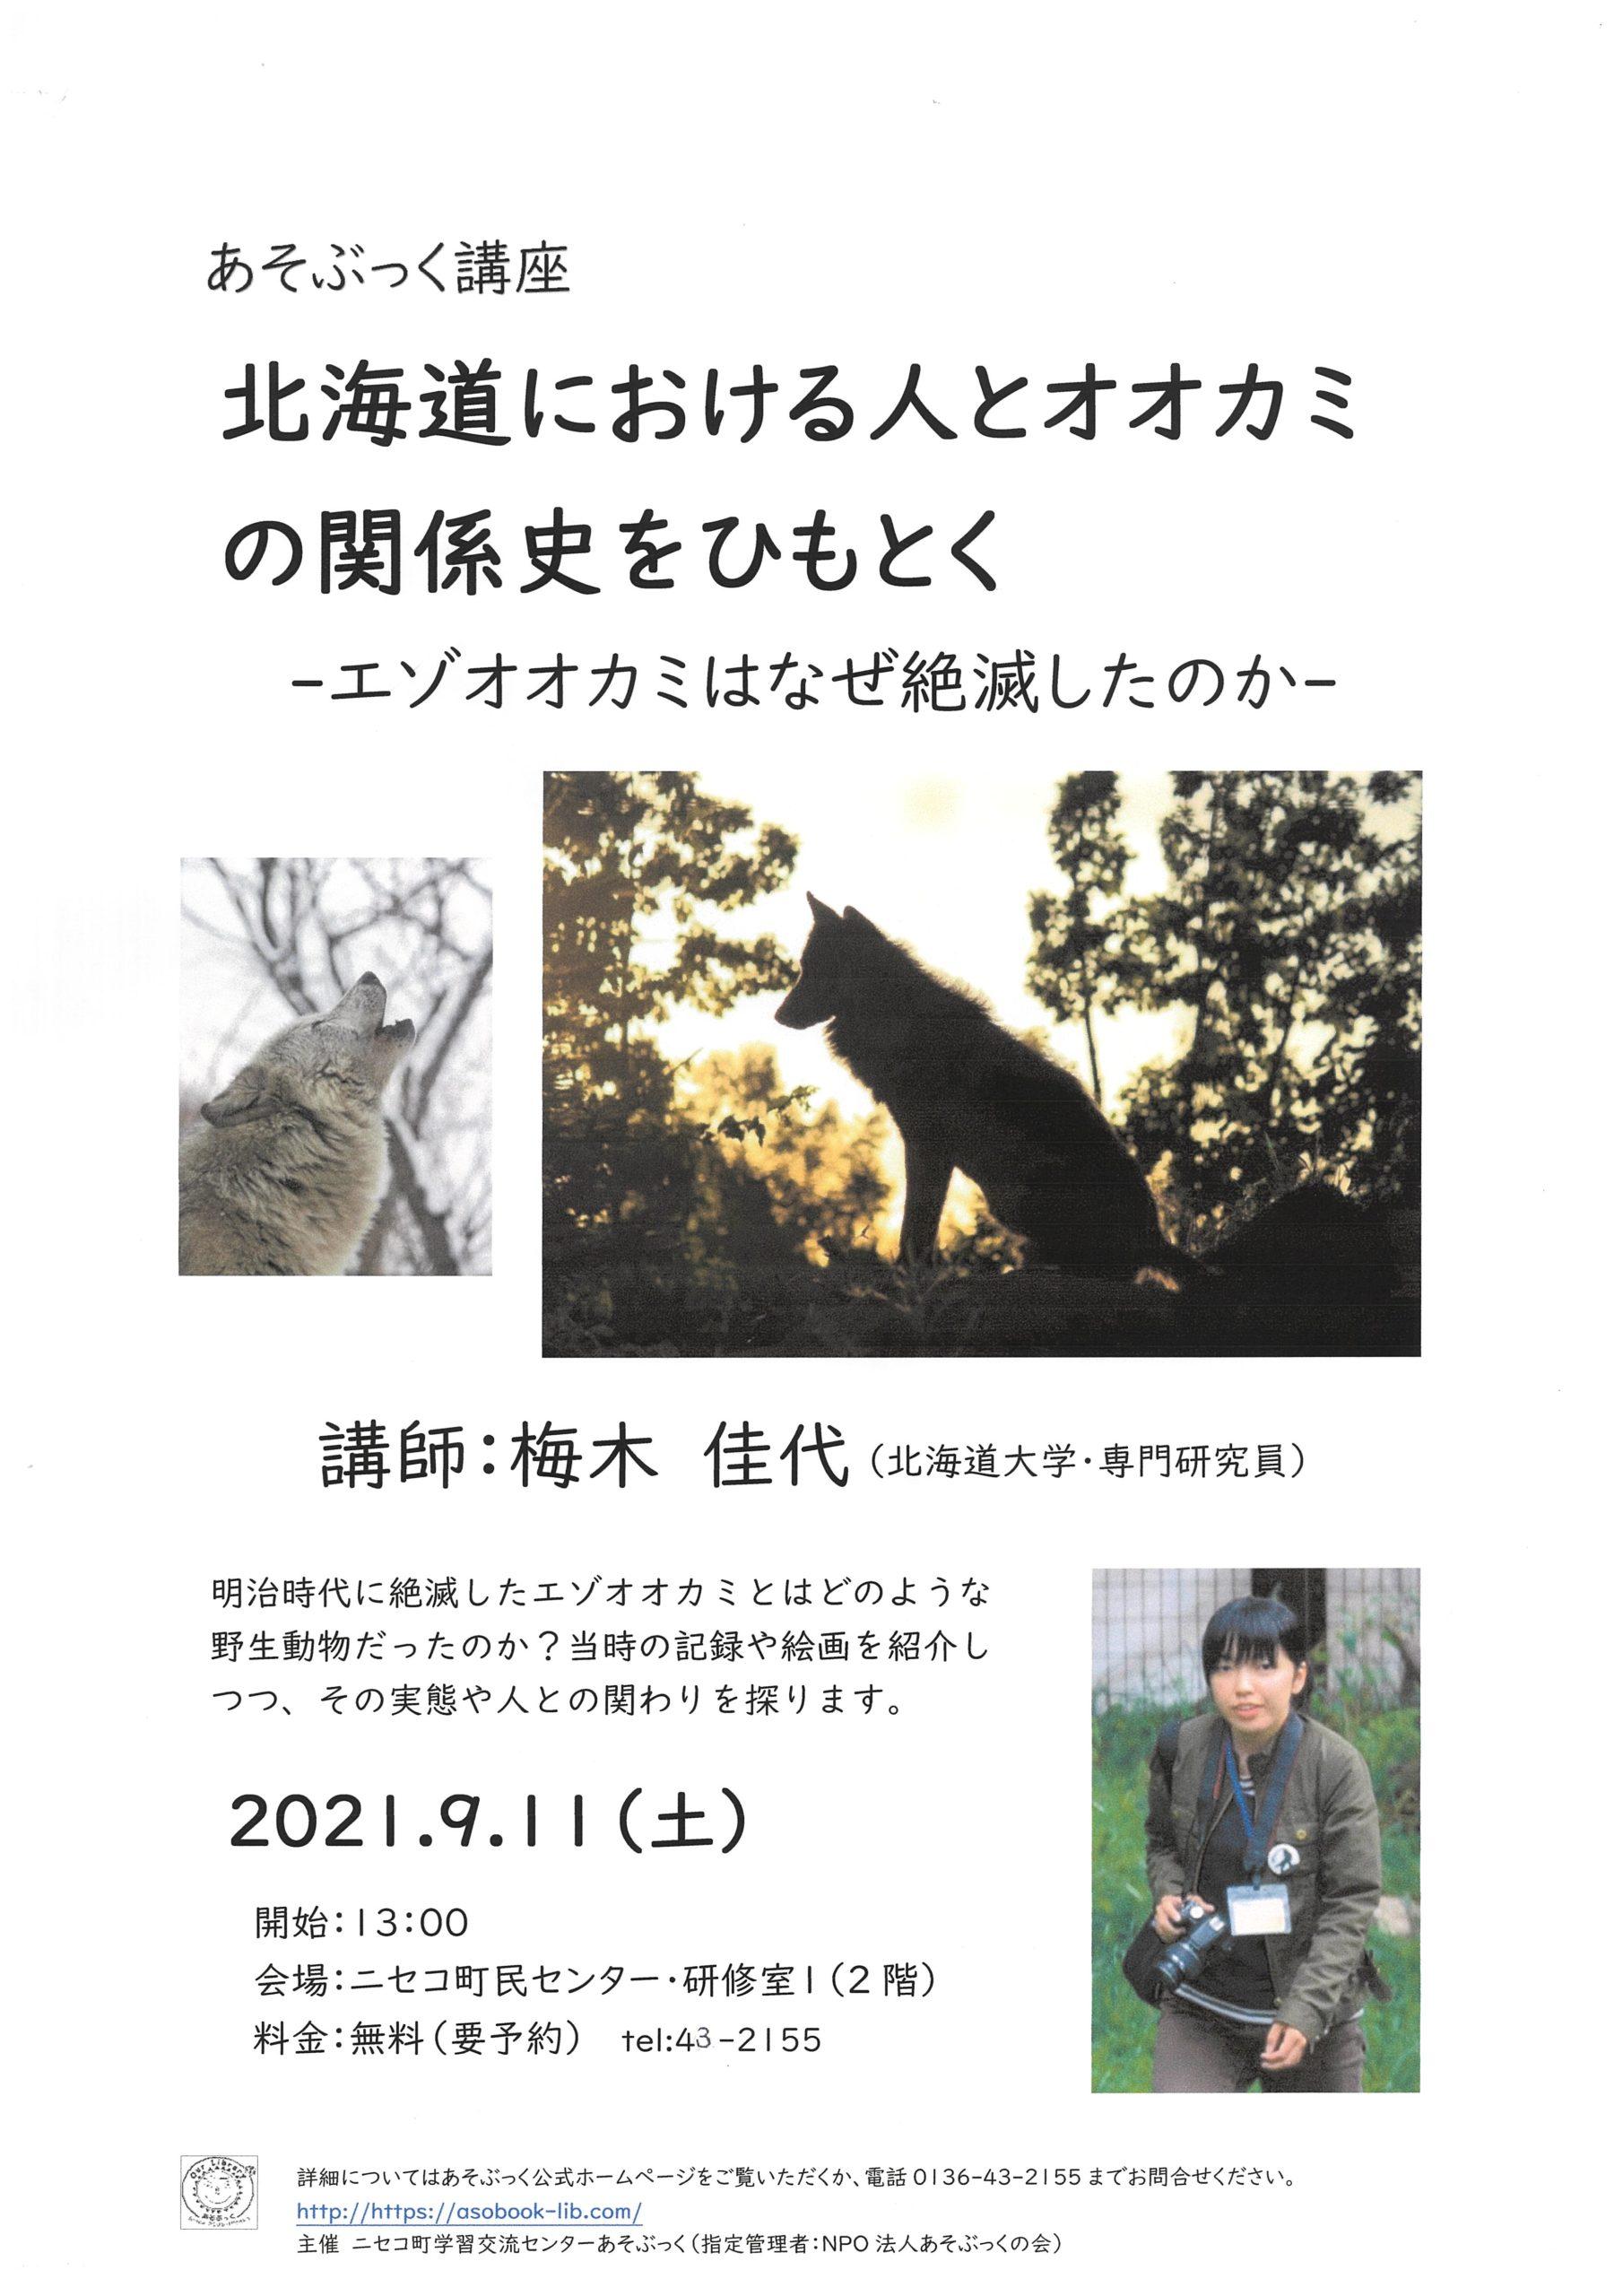 あそぶっく講座「北海道における人とオオカミの関係史をひもとく-エゾオオカミはなぜ絶滅したのか-」